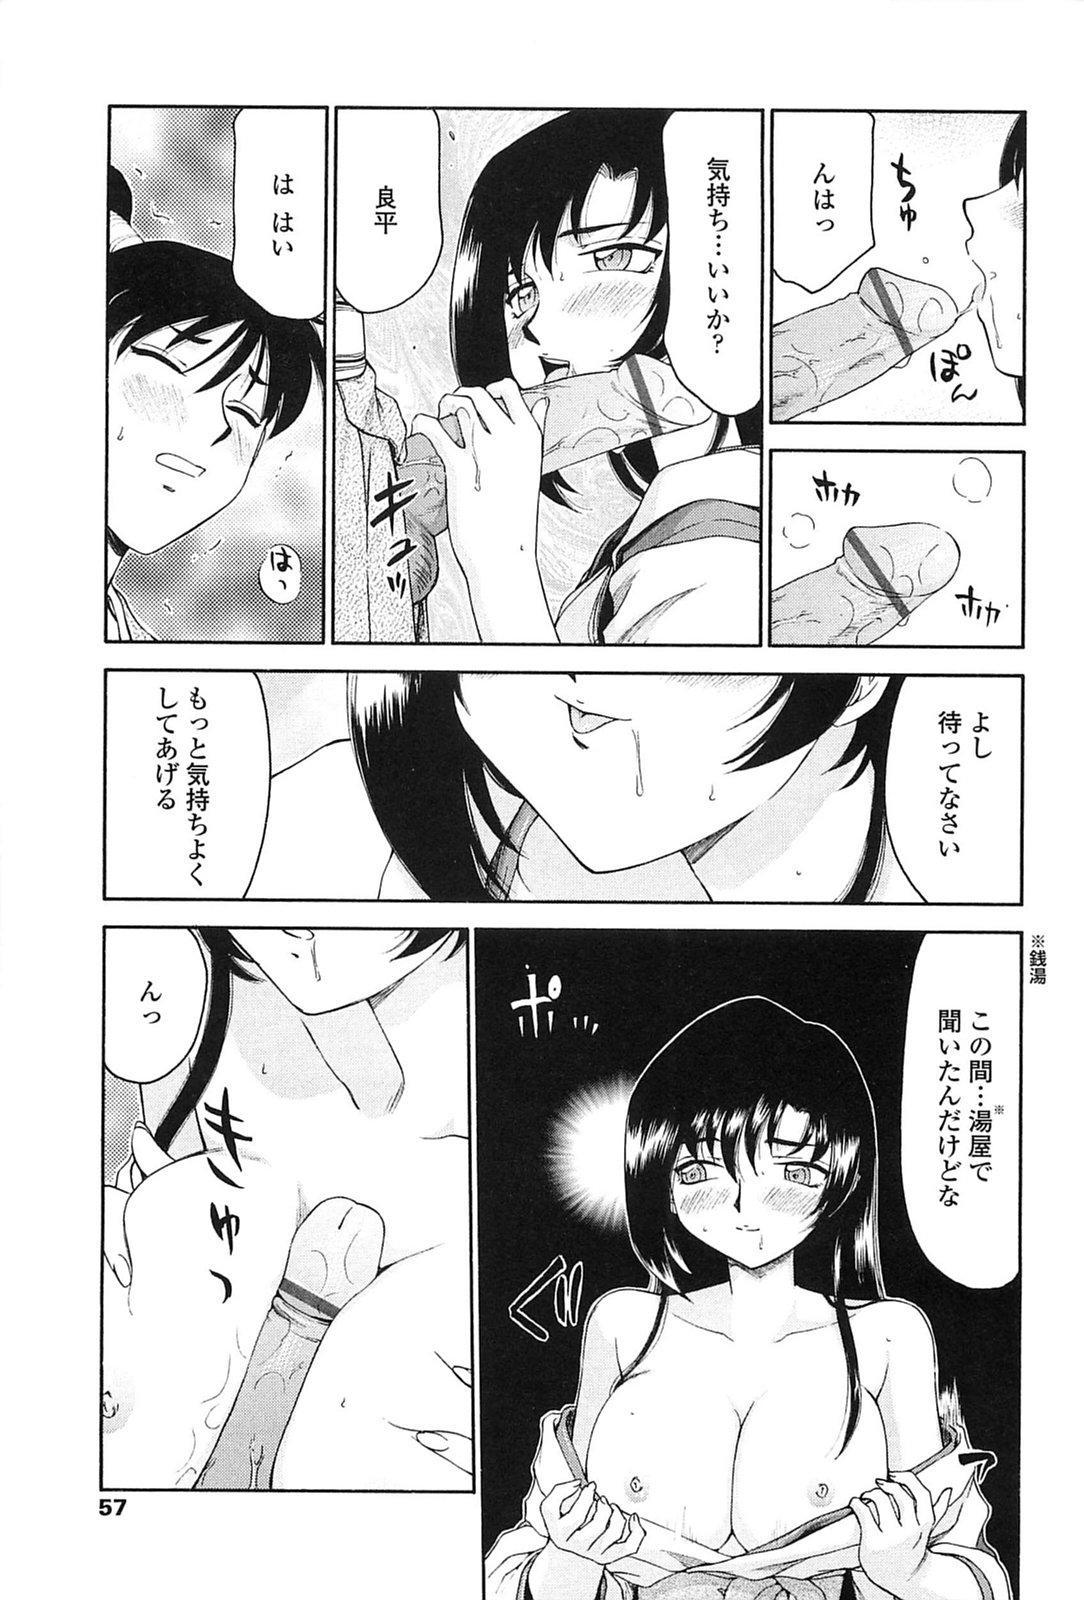 Ruriiro no Hana 53